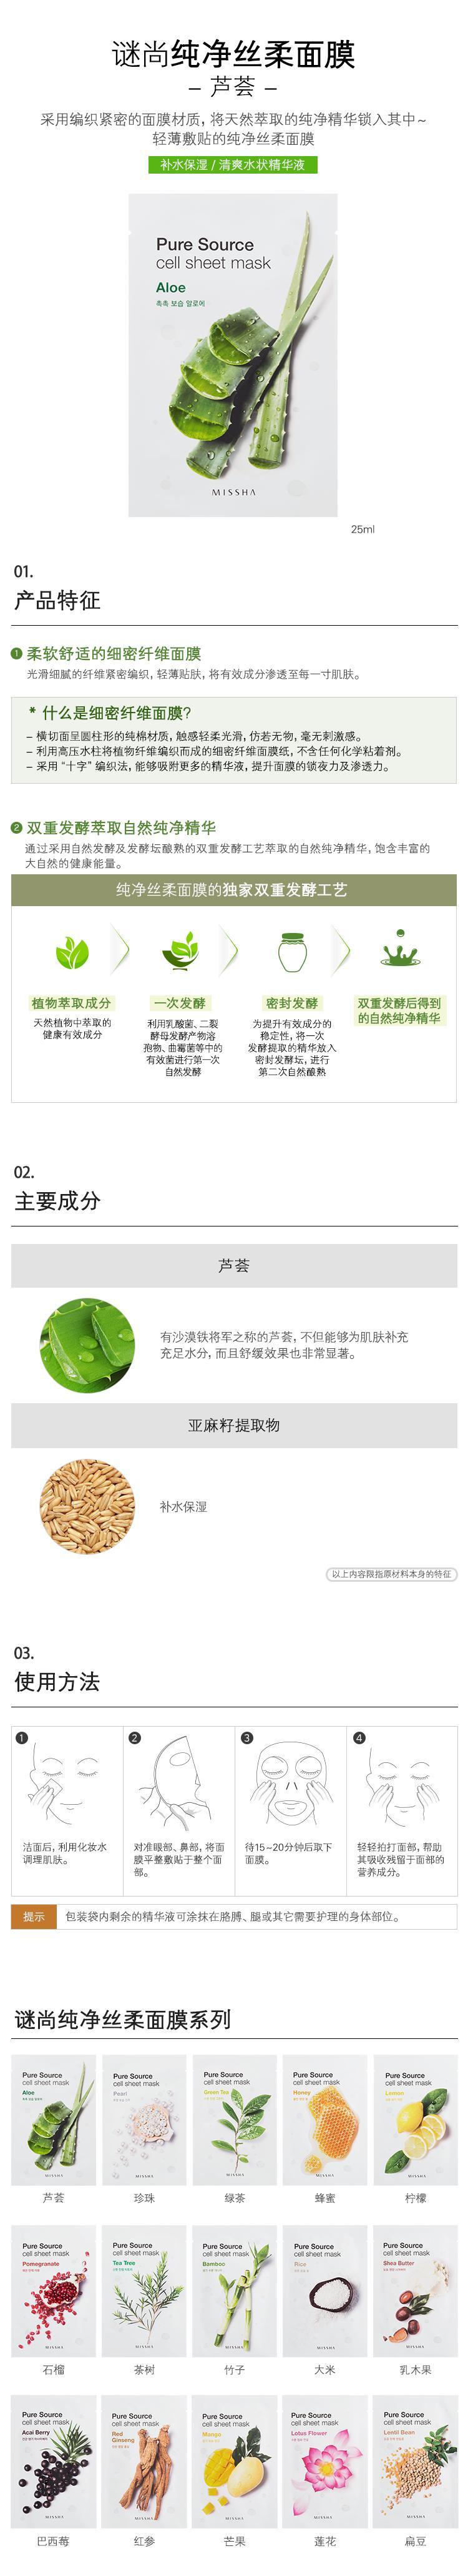 谜尚 纯净丝柔面膜(芦荟)c5171